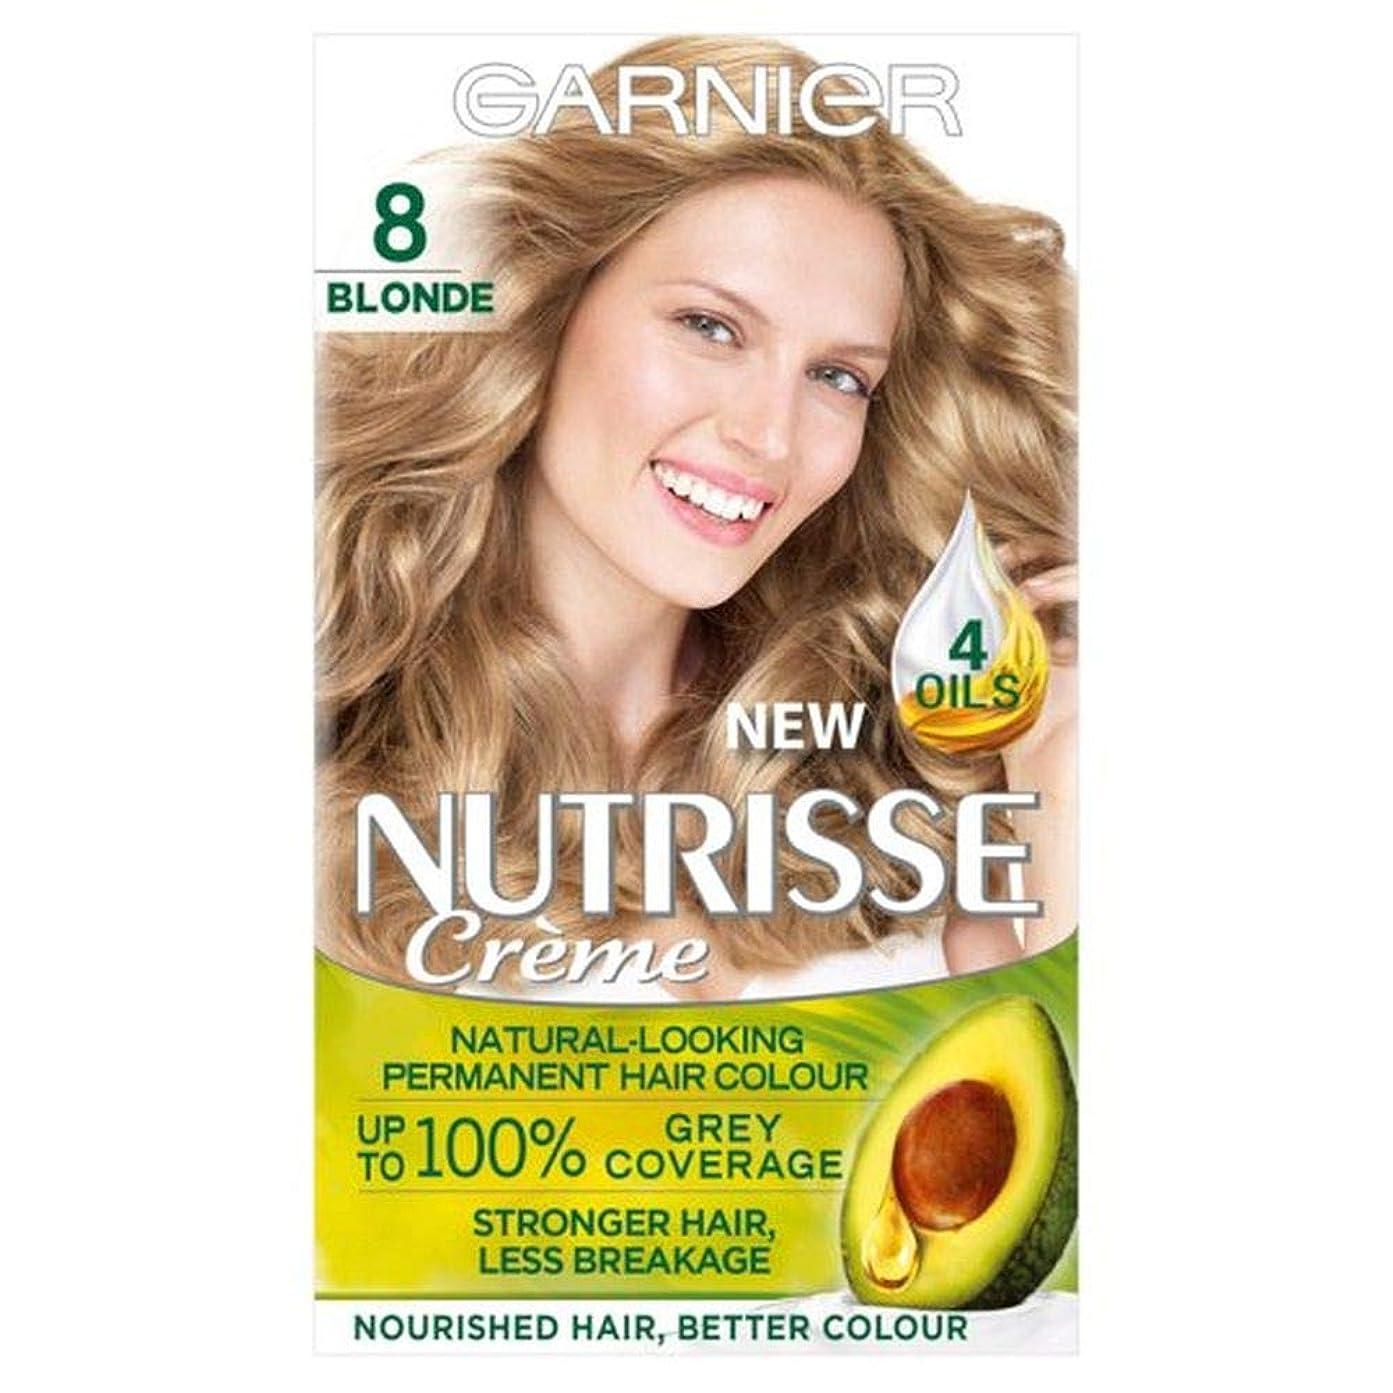 サイクロプス火星カウントアップ[Nutrisse] 8ブロンドの永久染毛剤Nutrisseガルニエ - Garnier Nutrisse 8 Blonde Permanent Hair Dye [並行輸入品]